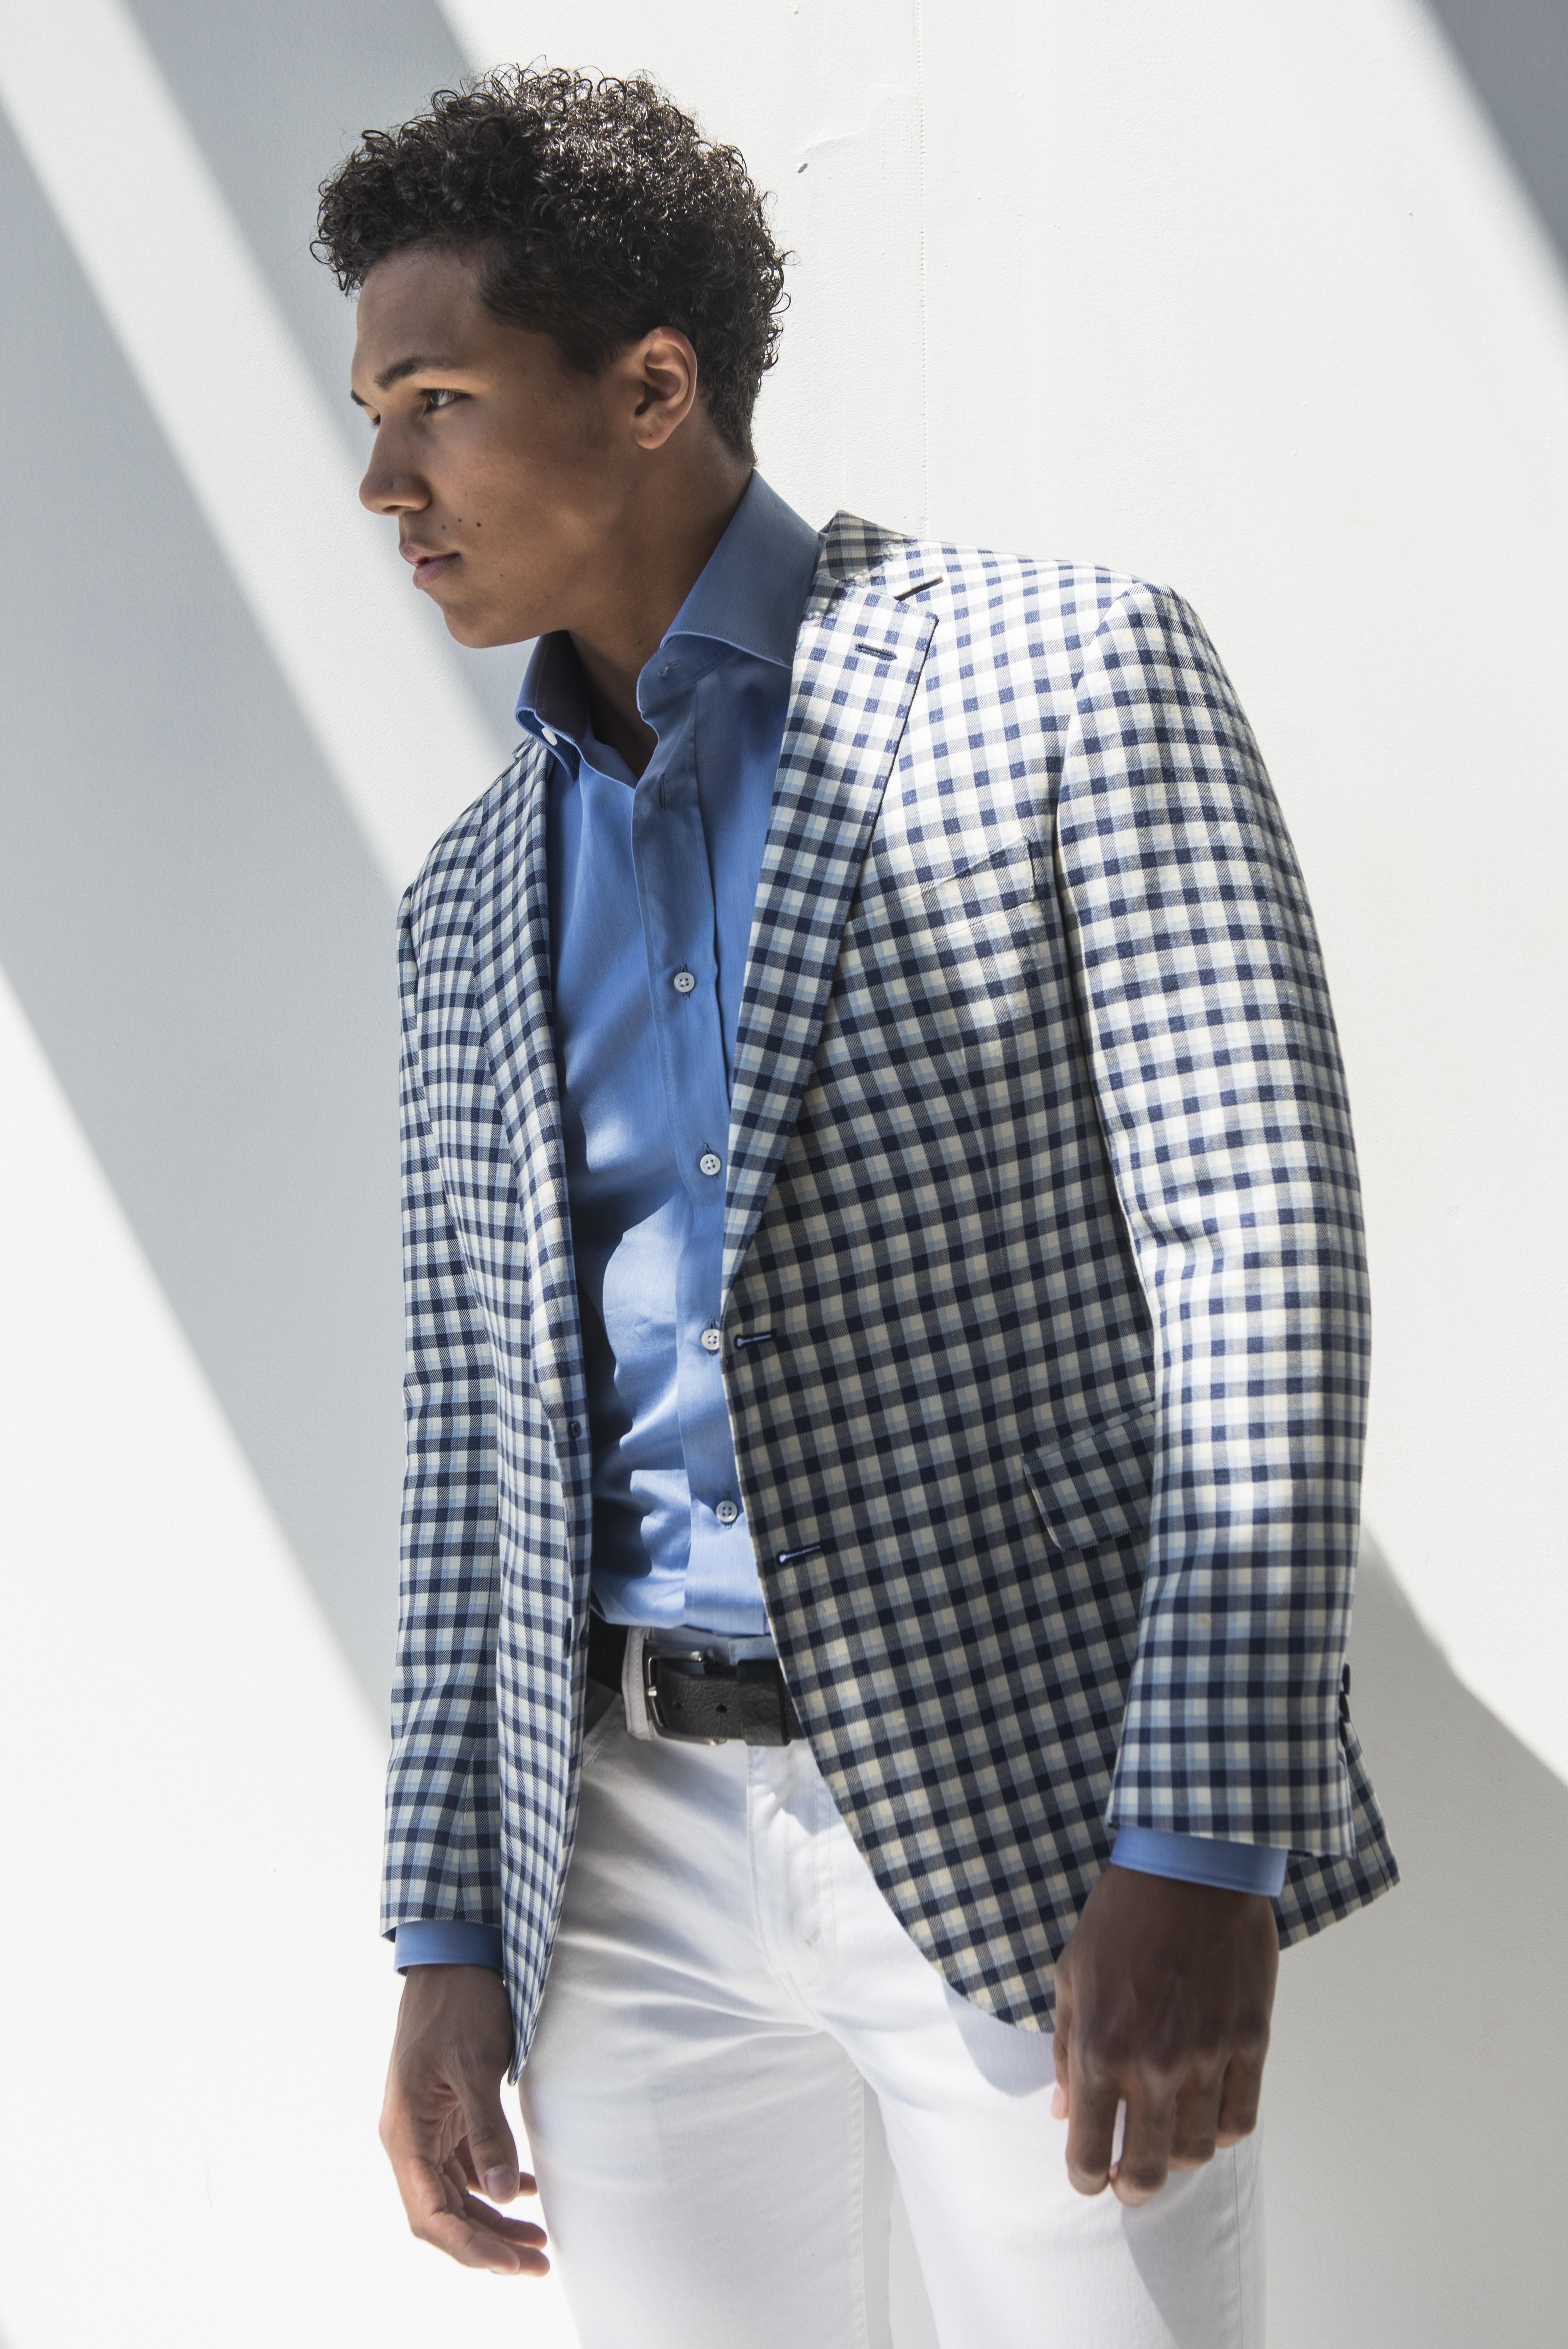 Suit by Glenn Plaid